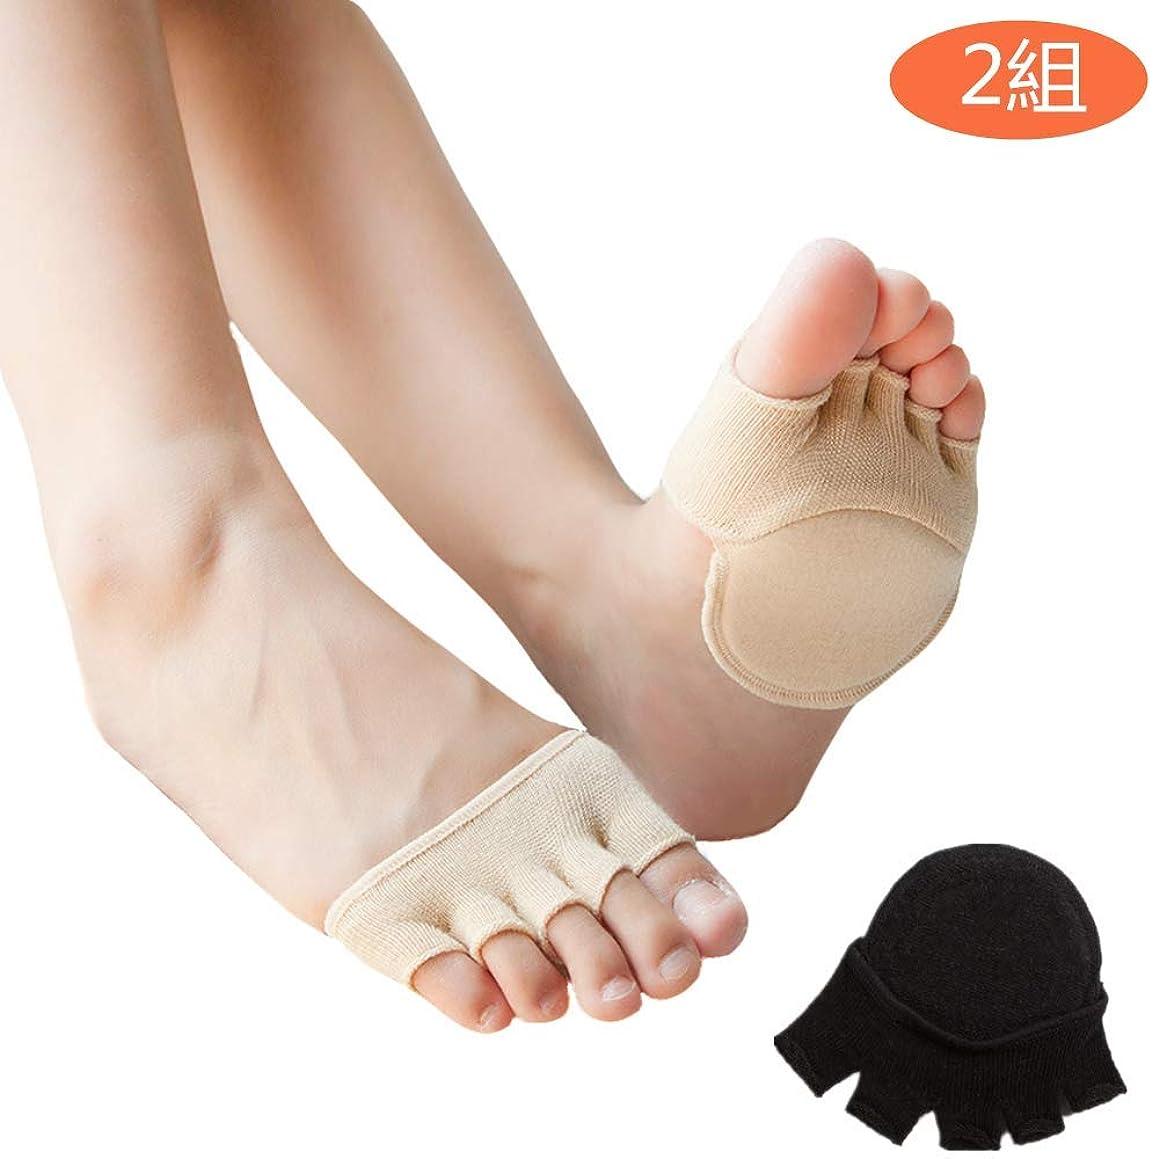 方法論乳白色まろやかなつま先 5本指 足底クッション付き 前足サポーター 足の臭い対策 フットカバー ヨガ用靴下 浅い靴下半分つま先 夏 超薄型 (2組)